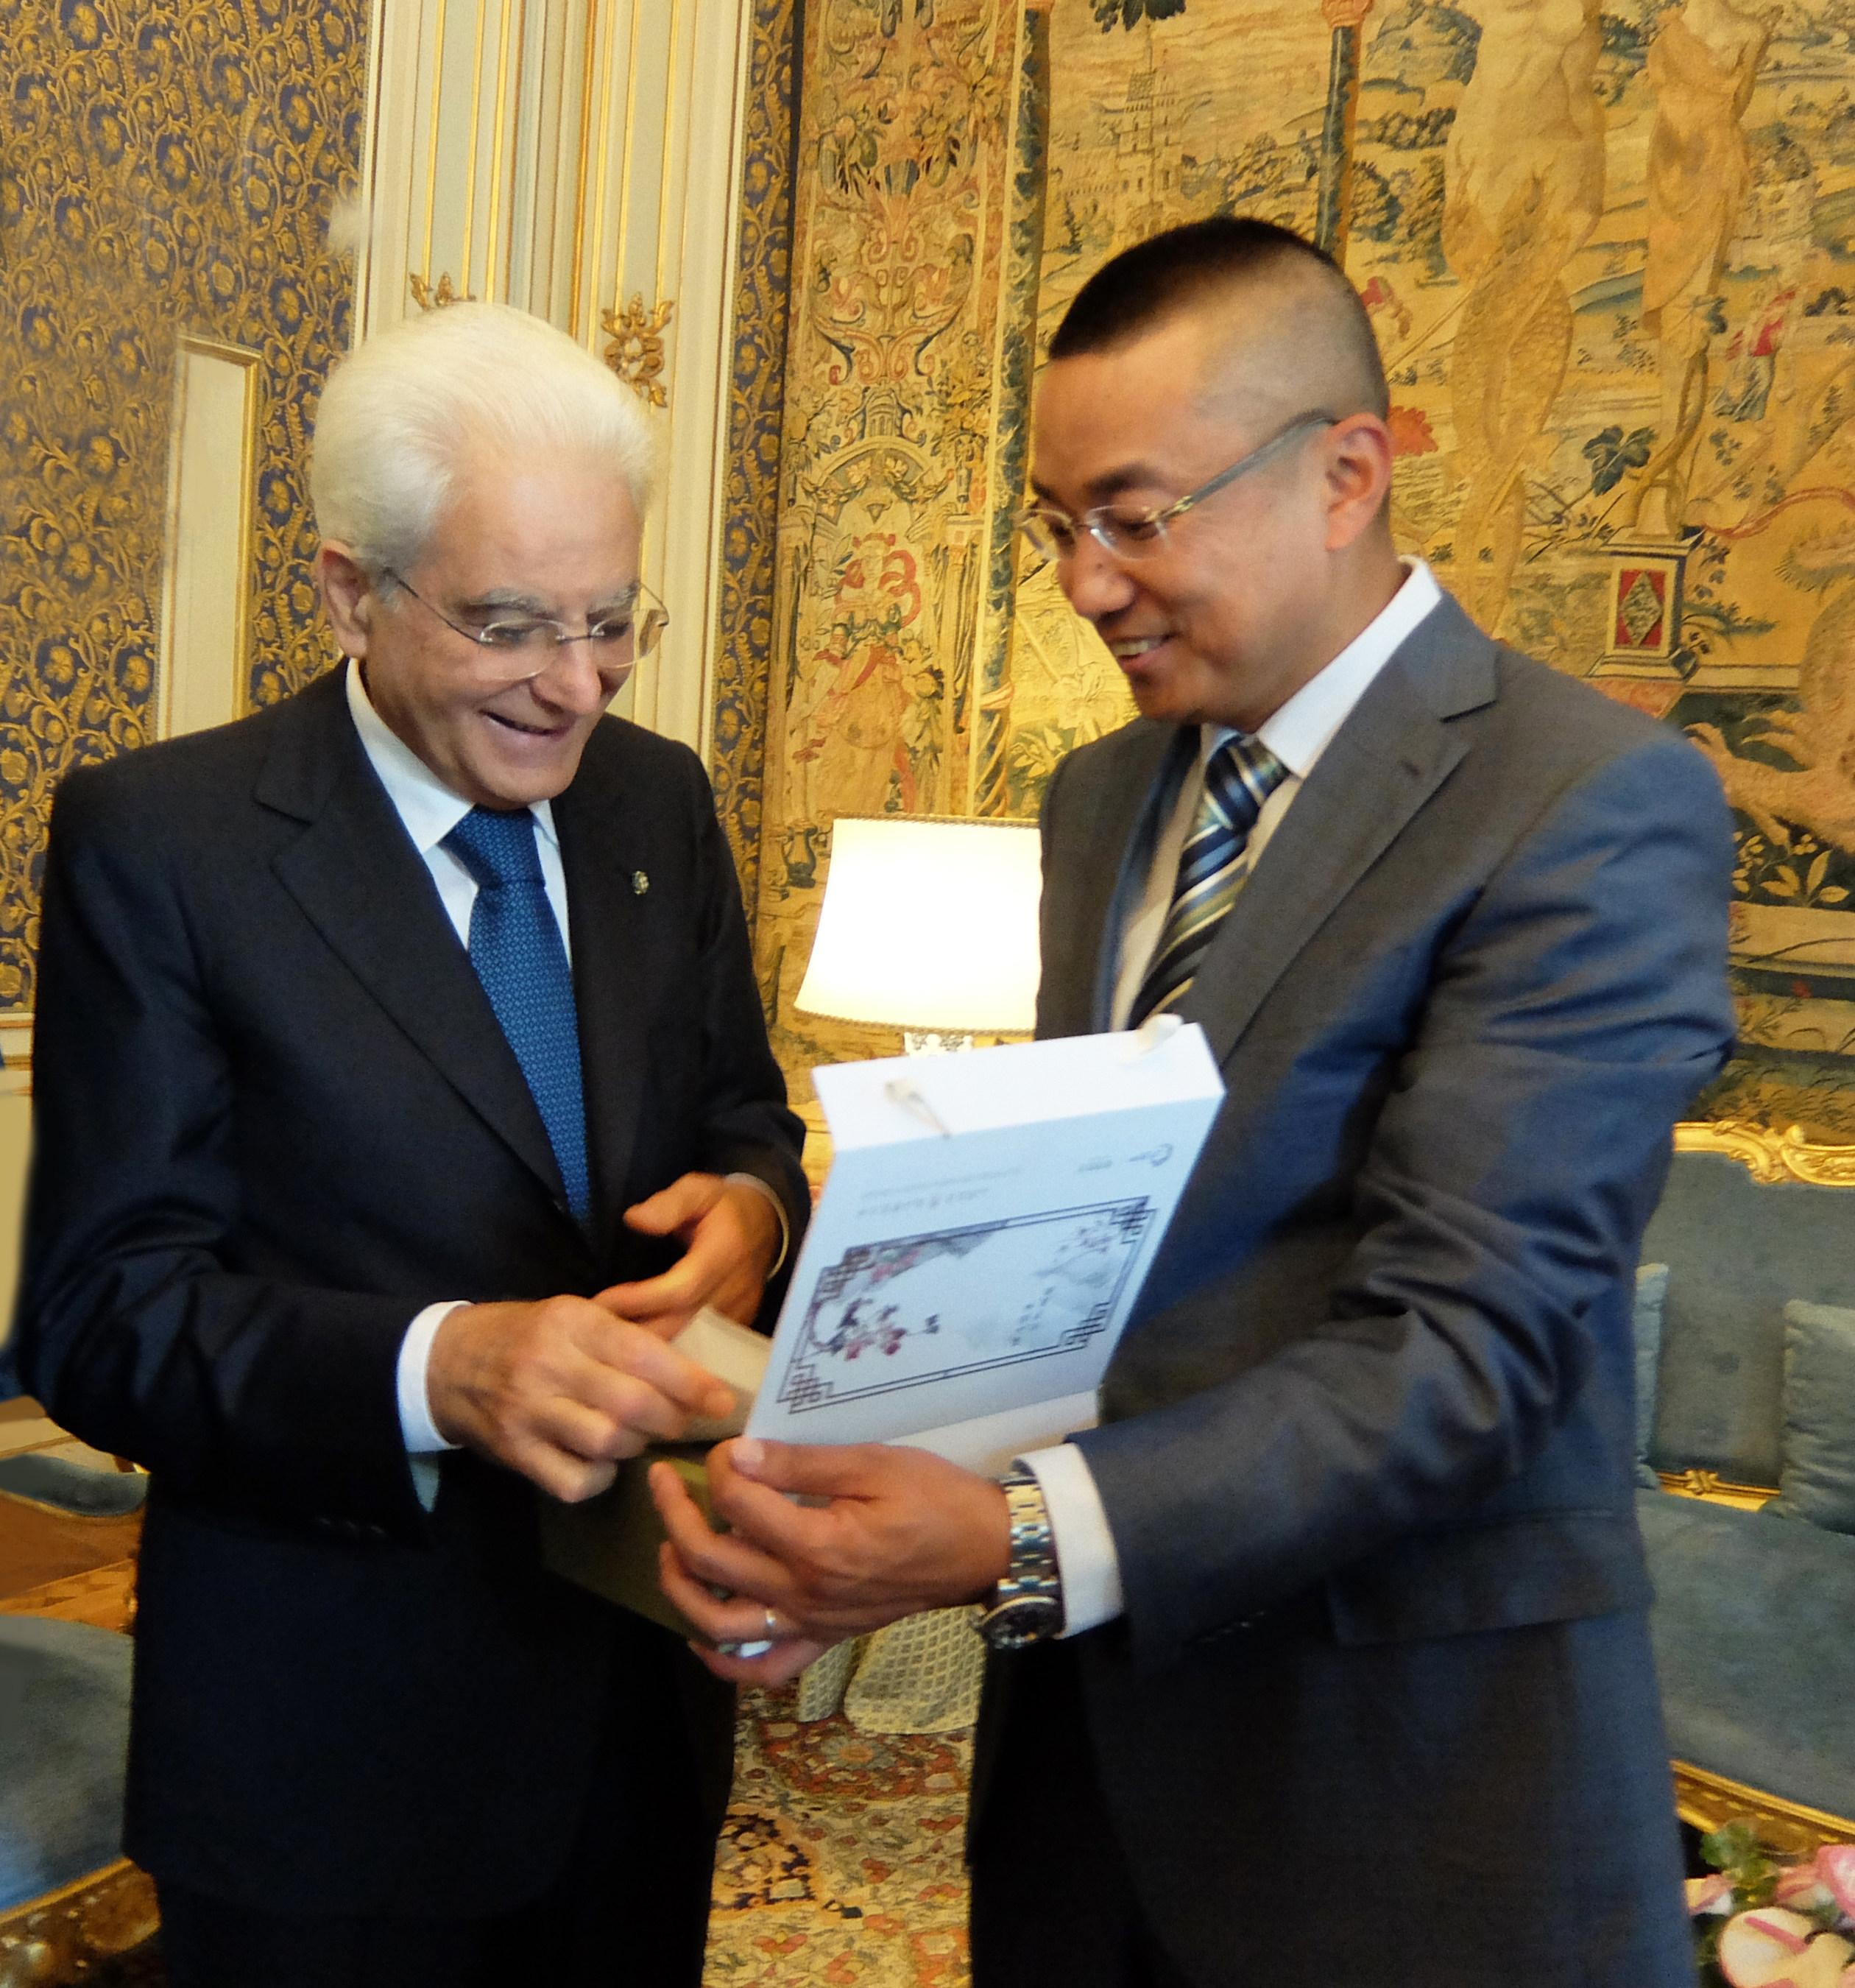 Il Presidente italiano riceve l'ospite cinese e accetta il regalo nazionale di DR PLANT